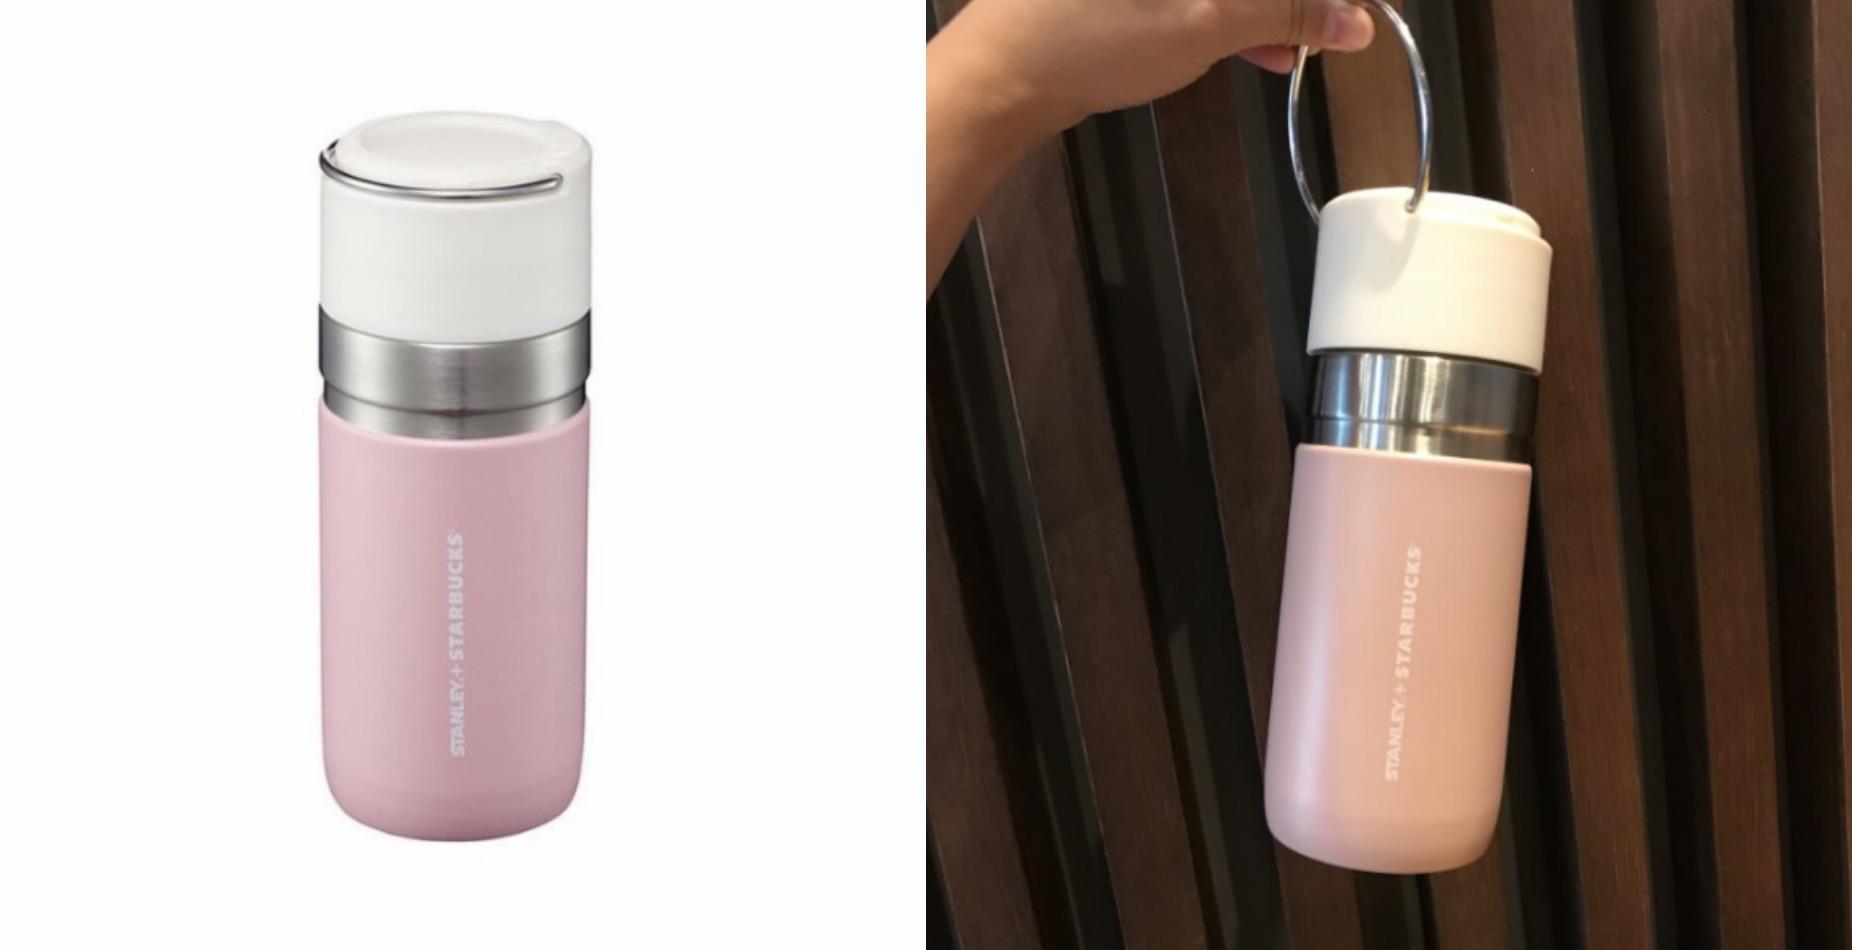 韓國星巴克秋天商品,女生最愛的嫩粉紅色,銀色金屬的提把實用兼具時尚,可手提,方便攜帶使用。